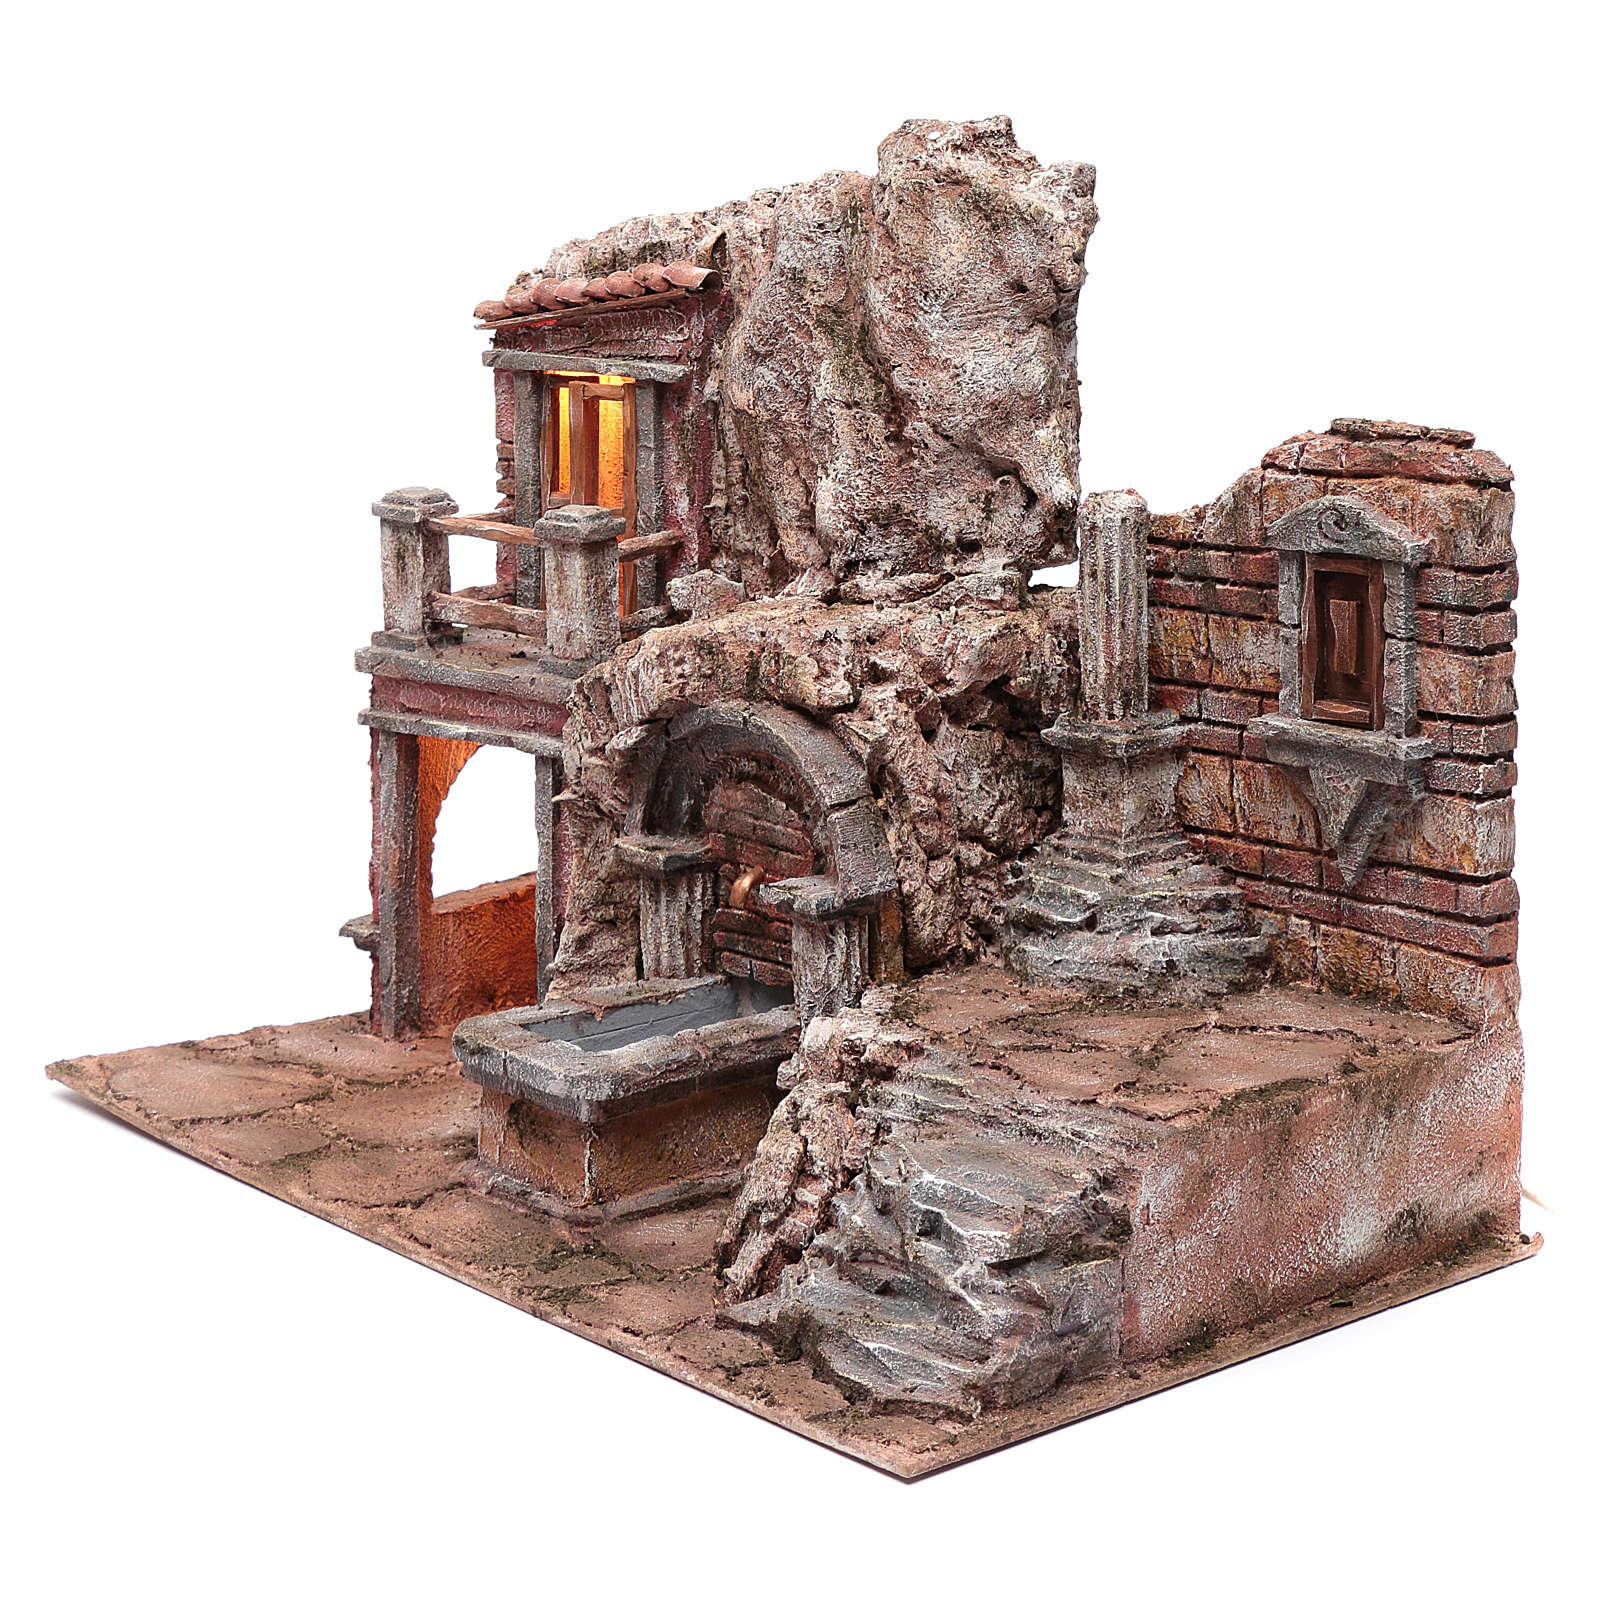 Escenografía iluminada con gruta fuente y escaleras 35x50x30cm 4